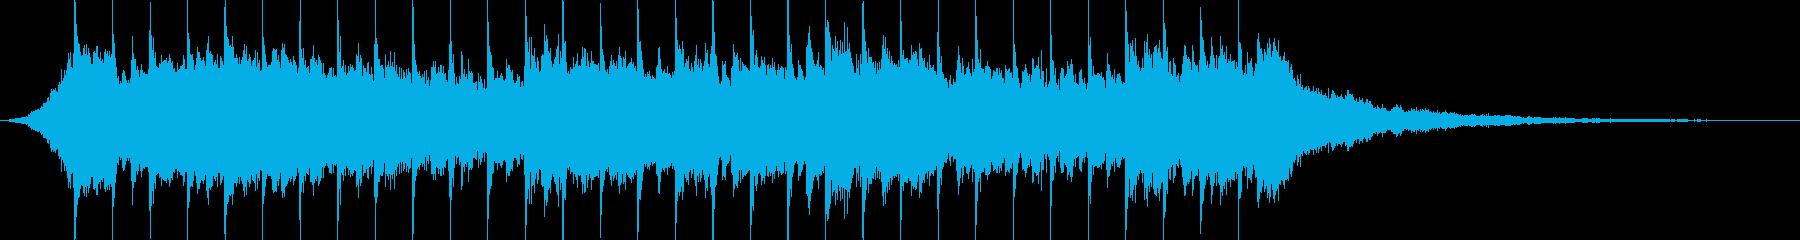 企業VP115、シンプル、アンビ、爽快cの再生済みの波形